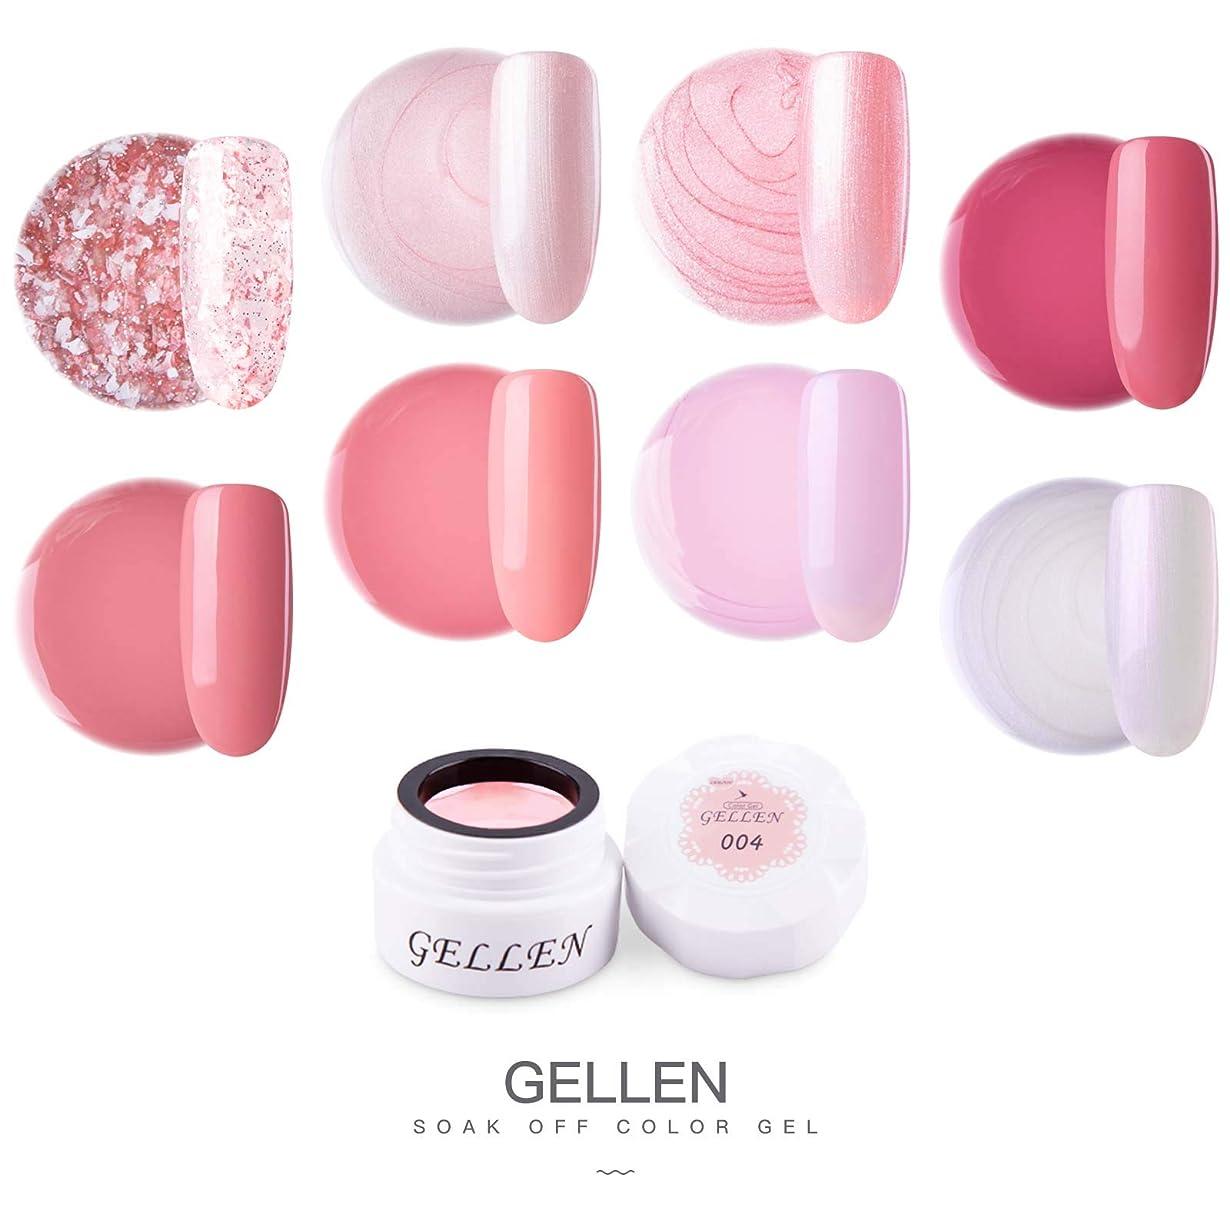 リーダーシップ預言者ポンペイGellen カラージェル 8色 セット[ピンク系]高品質 5g ジェルネイル カラー ネイルブラシ付き